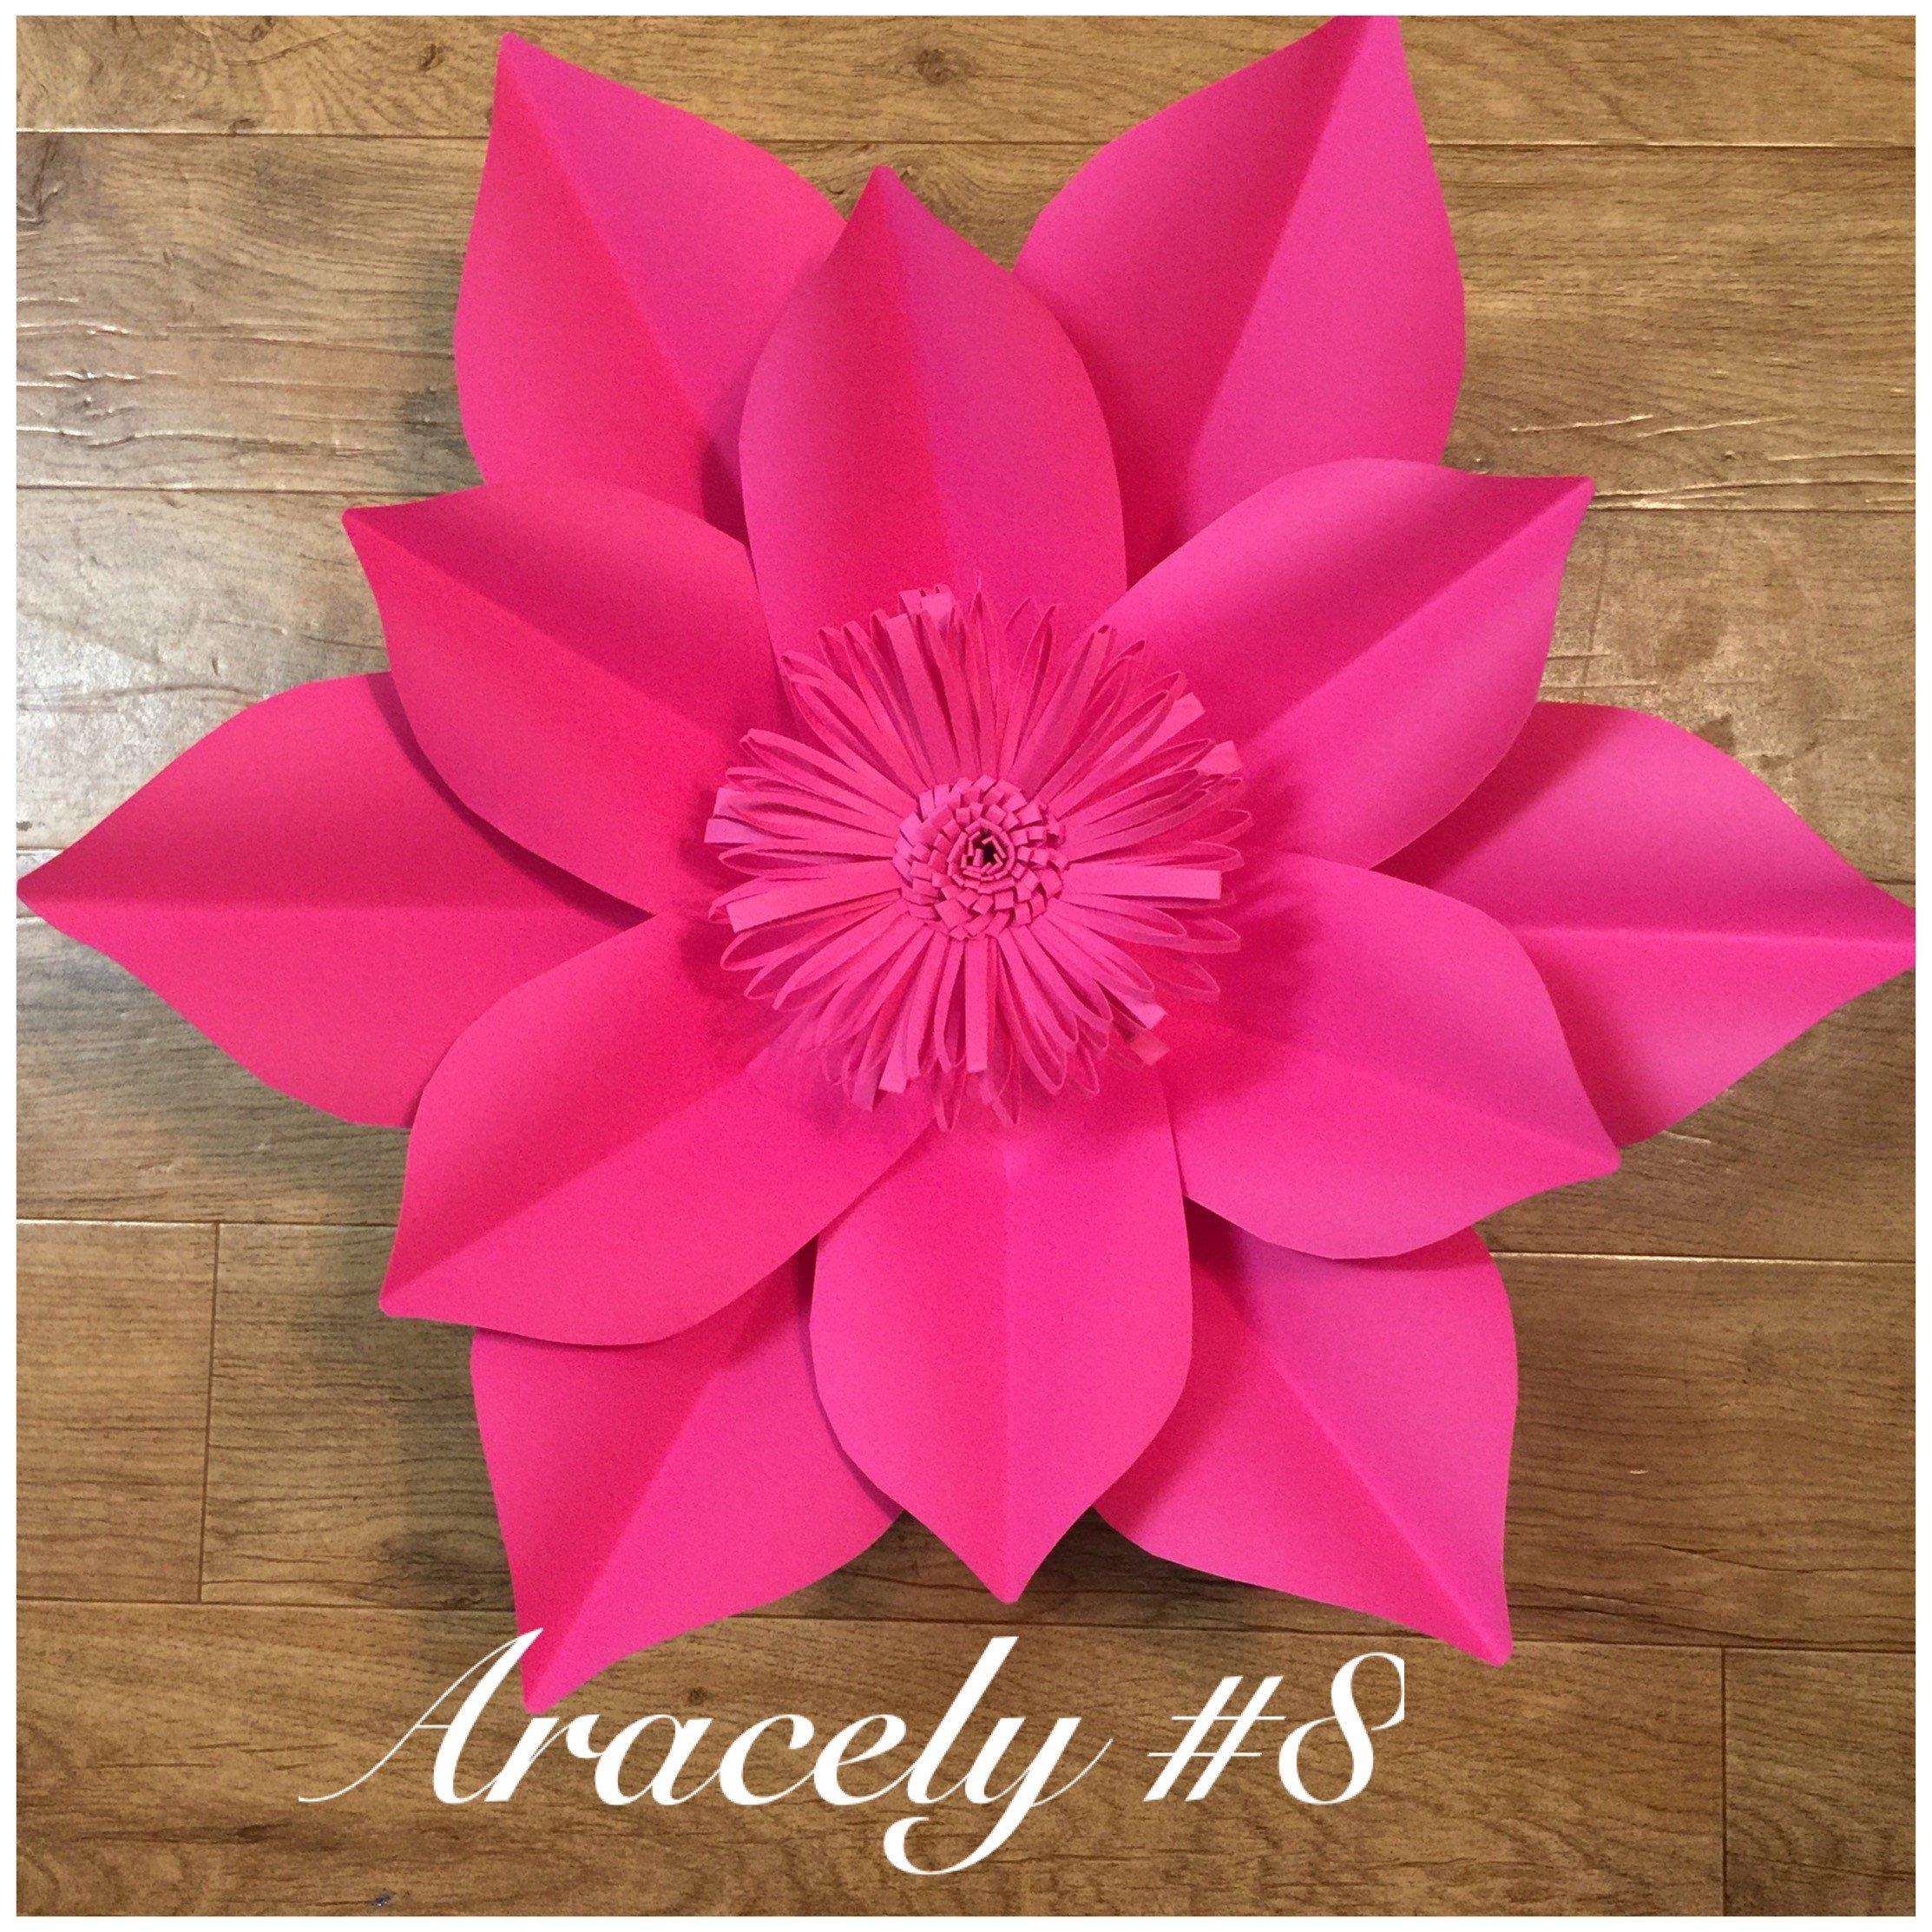 Paper flower template #8 | Pinterest | Flores de papel, Flores y ...